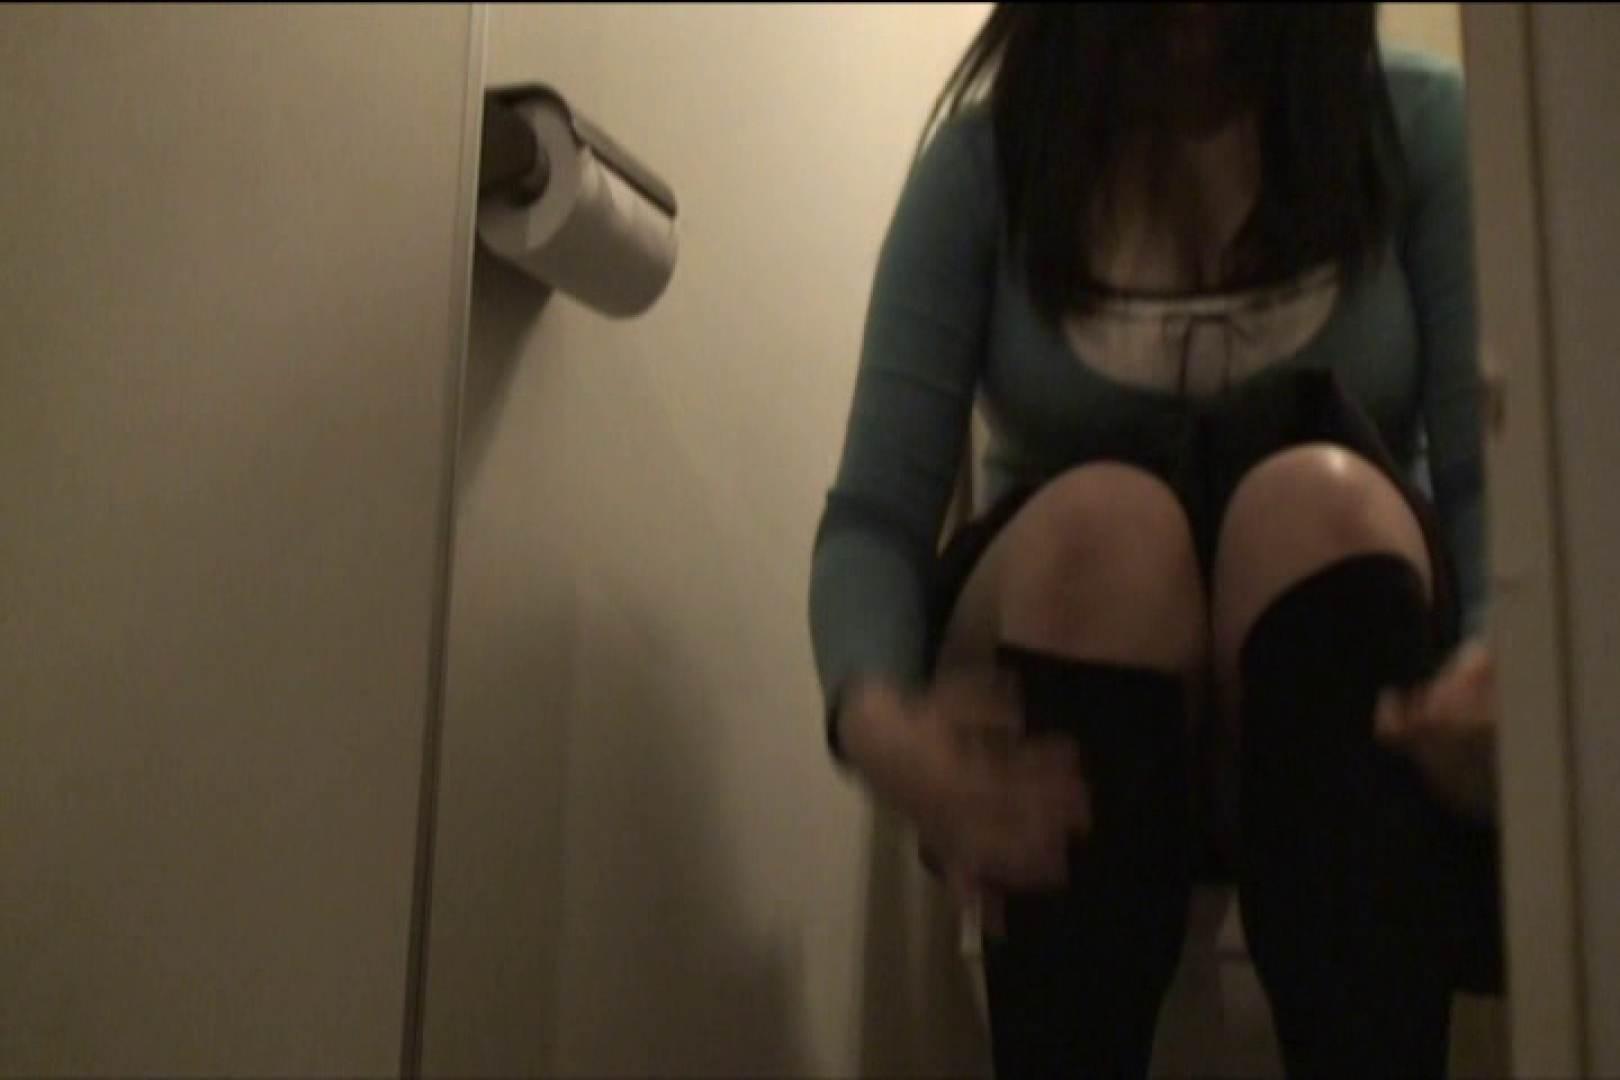 堅実でケチな女性程盗撮される。vol.01 巨乳色白嬢の悲劇 ビッチなギャル | オマンコ  56pic 54